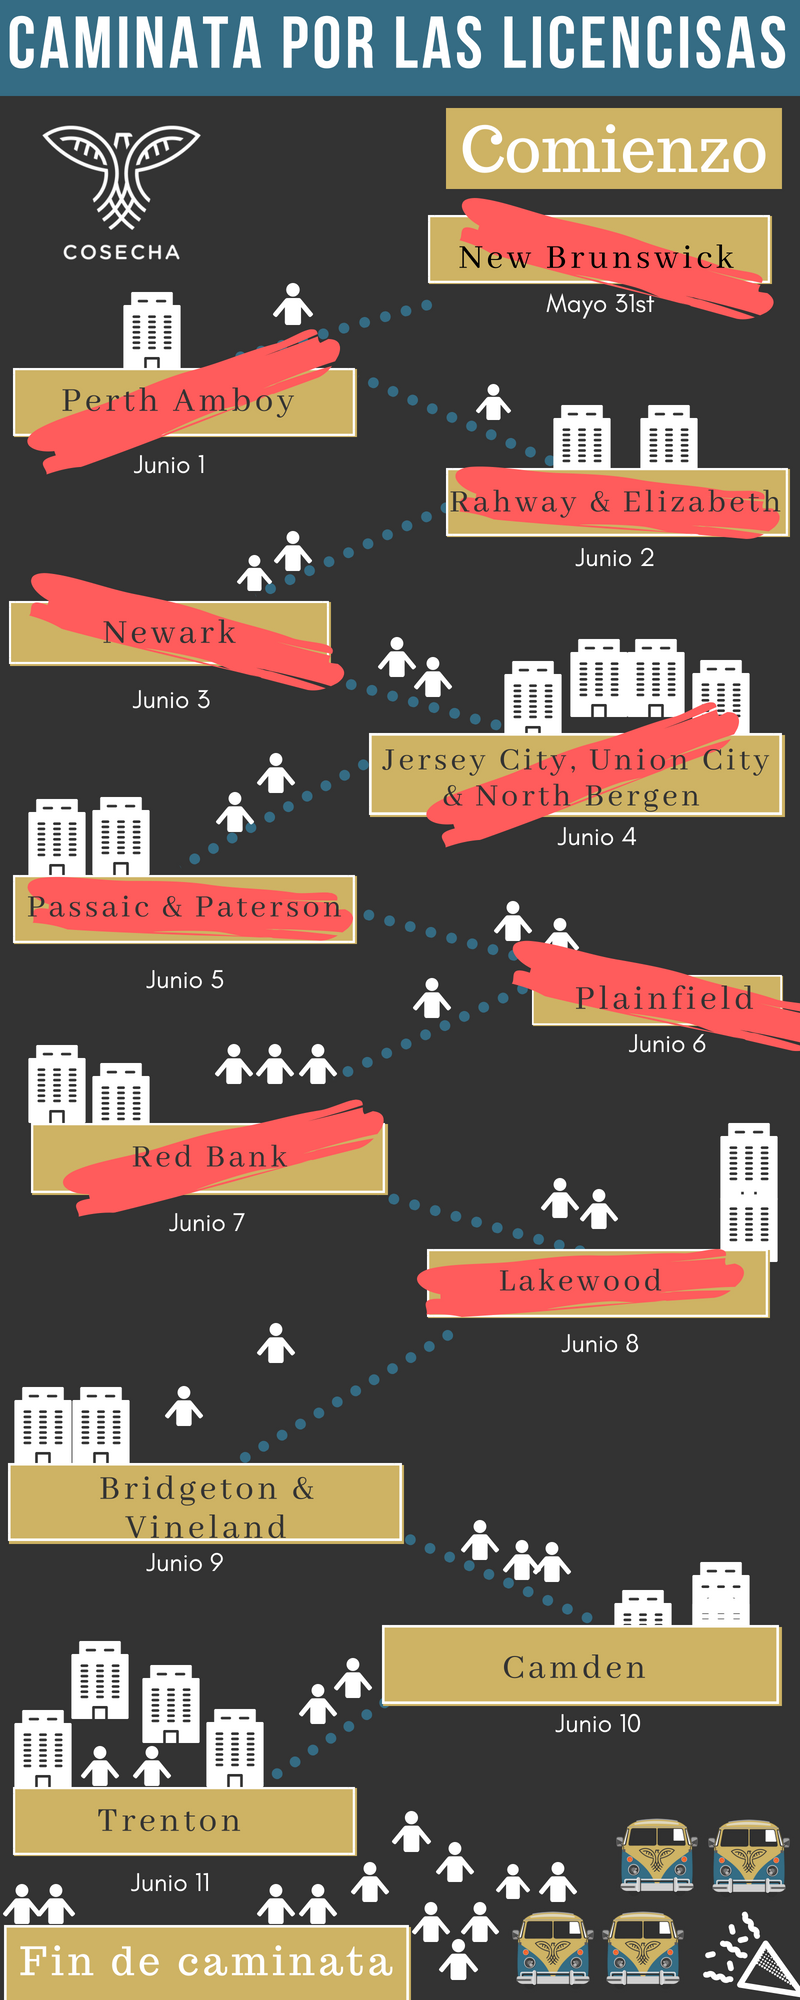 Unete que ya estamos comenzamos la caminata de 11 dias. Vamos peregrinando por ciudades de populo alto immigrante en Nueva Jersey!A qui encuentras las fechas y ciudades que visitaremos. Algunas de estas ciudades tienen eventos de bienvenida para los caminantes  - Día 1 5/31/18 JuevesNew Brunswick: Lanzamientohttps://www.facebook.com/events/228949091023063/Día2 6/1/18 ViernesPerth AmboyRally and community meeting*click to join*Día 3 6/2/18 SabadoRahway & ElizabethRally for the walkers- Rahway!*click to join*Rally for the walkers - Elizabeth! *click to join*Día 4 6/3/18 DomingoNewarkDía 5 6/4/18 LunesMaplewoodDía 6 6/5/18 MartesPassaic & PatersonDía 7 6/6/18 MiércolesPlainfieldDía 8 6/7/18 JuevesRed BankDía 9 6/8/18 ViernesLakewoodDía 10 6/9/18 SábadoBridgeton &VinelandDía 11 6/10/18 DomingoCamden Day 12 6/11/18 LunesTrenton